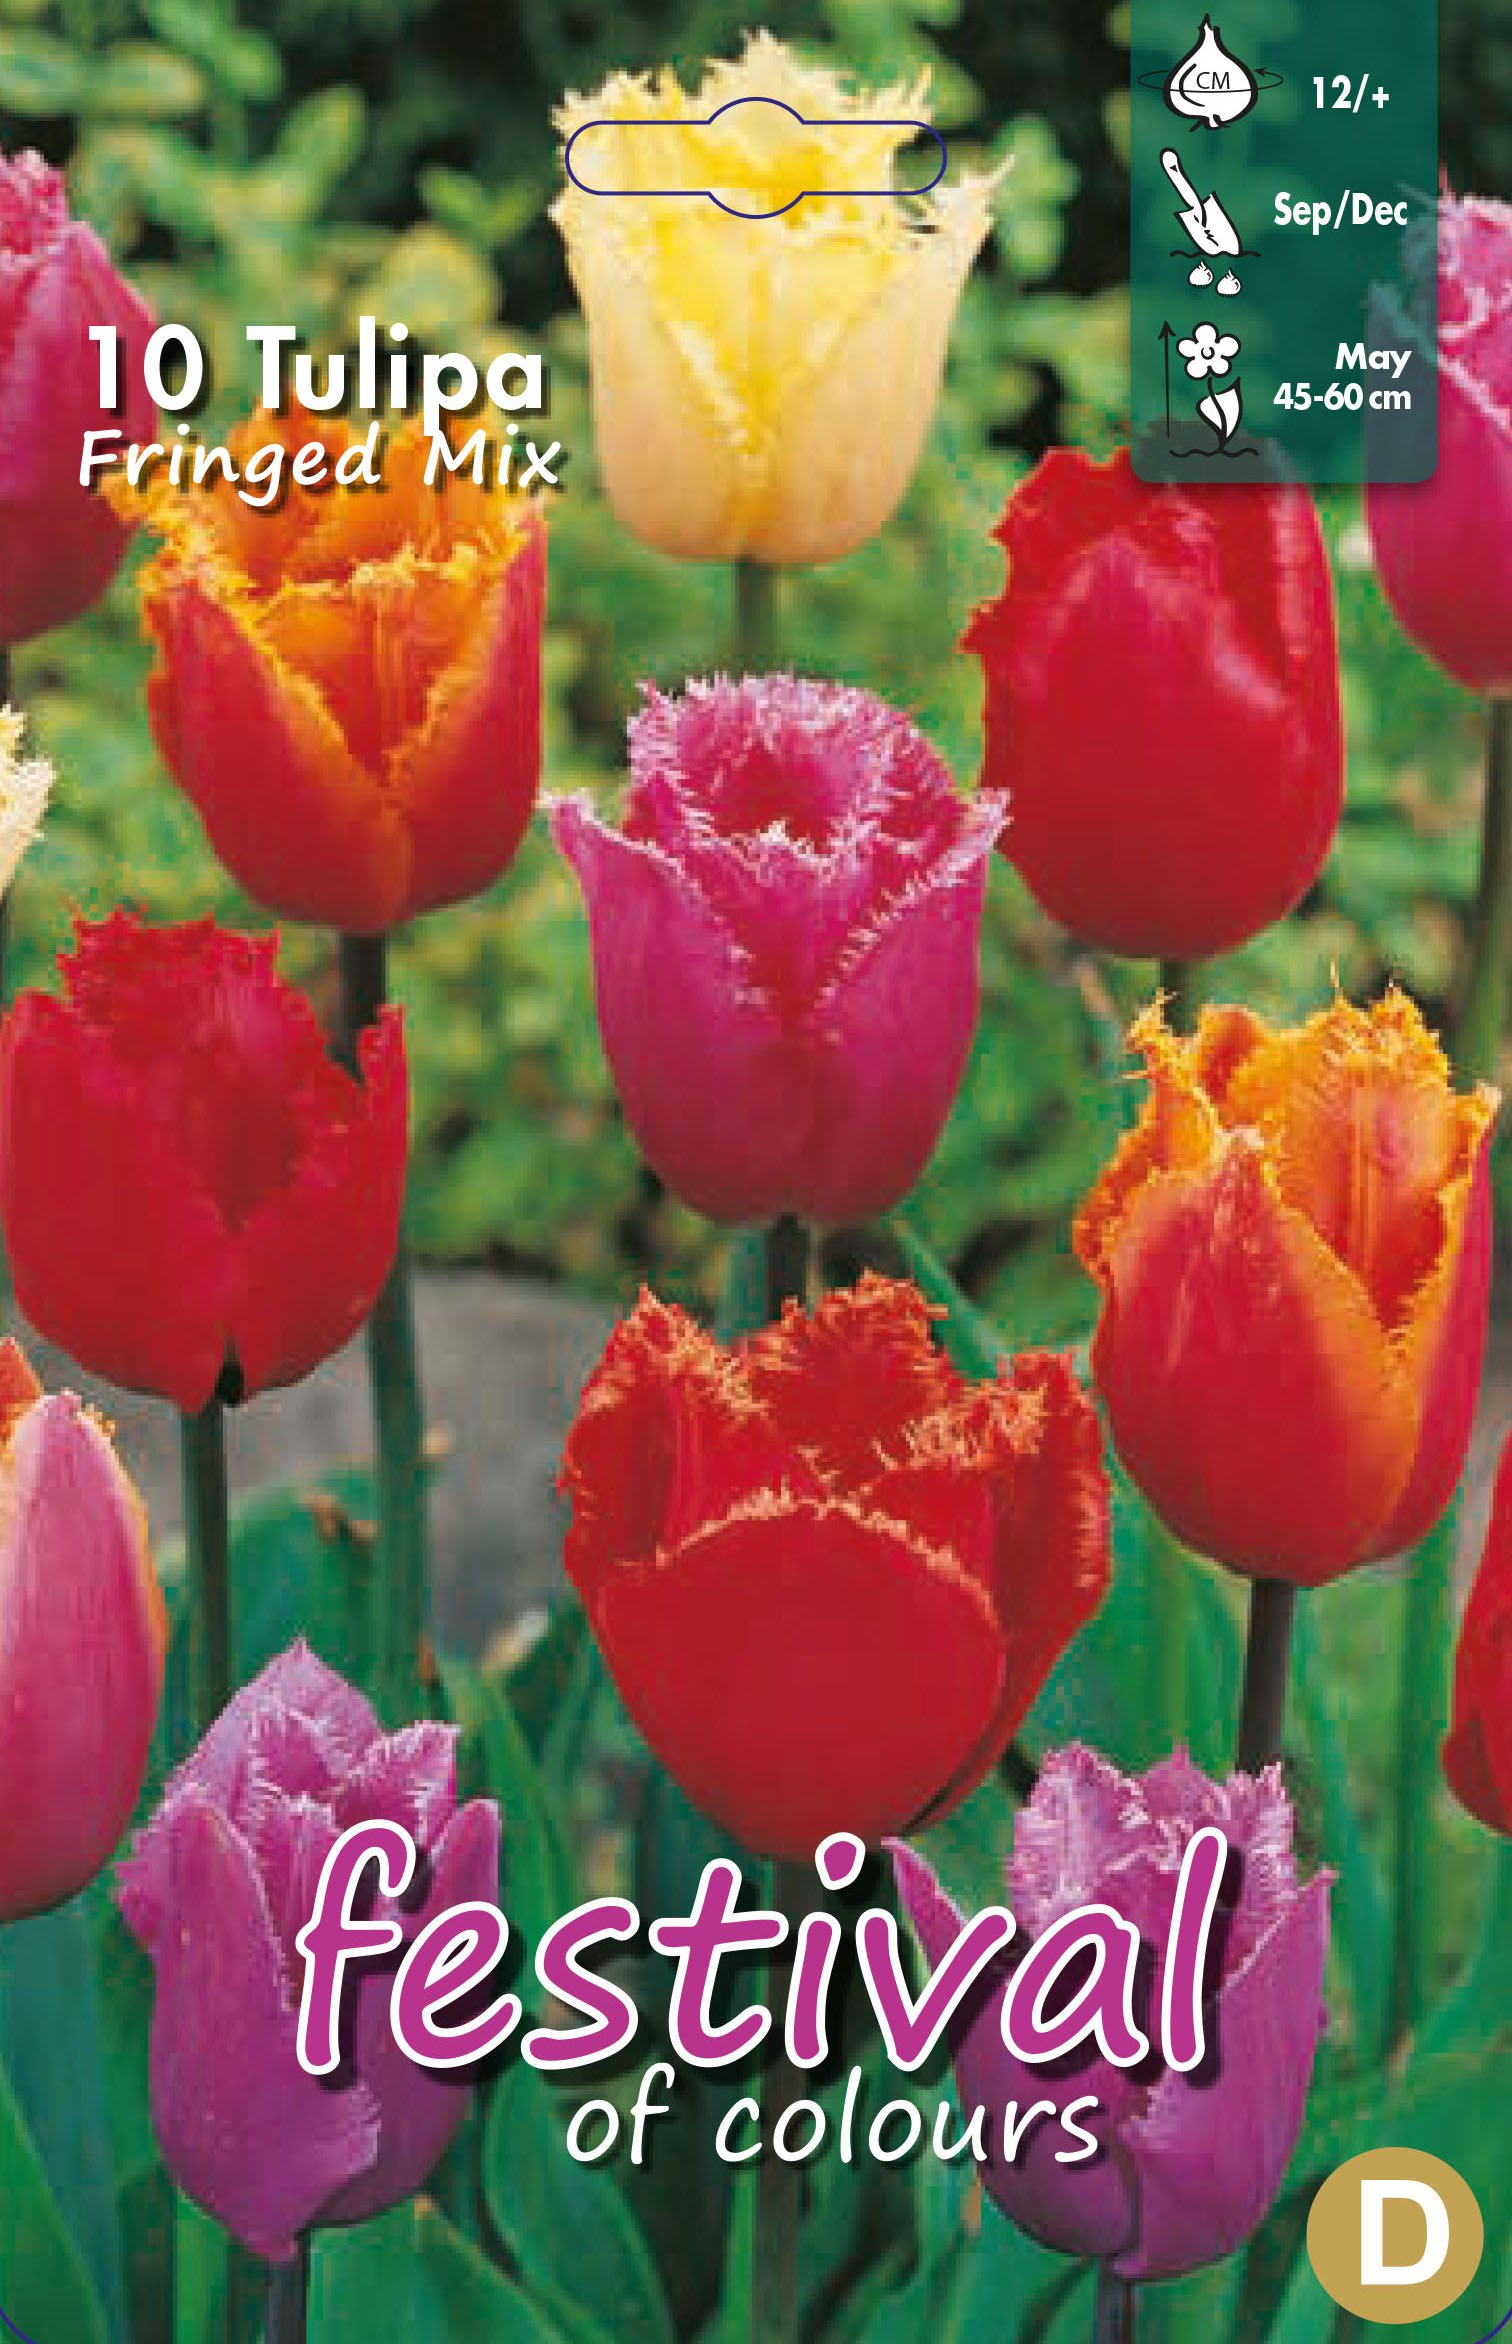 Tulipa Fringed Mix 10 stk